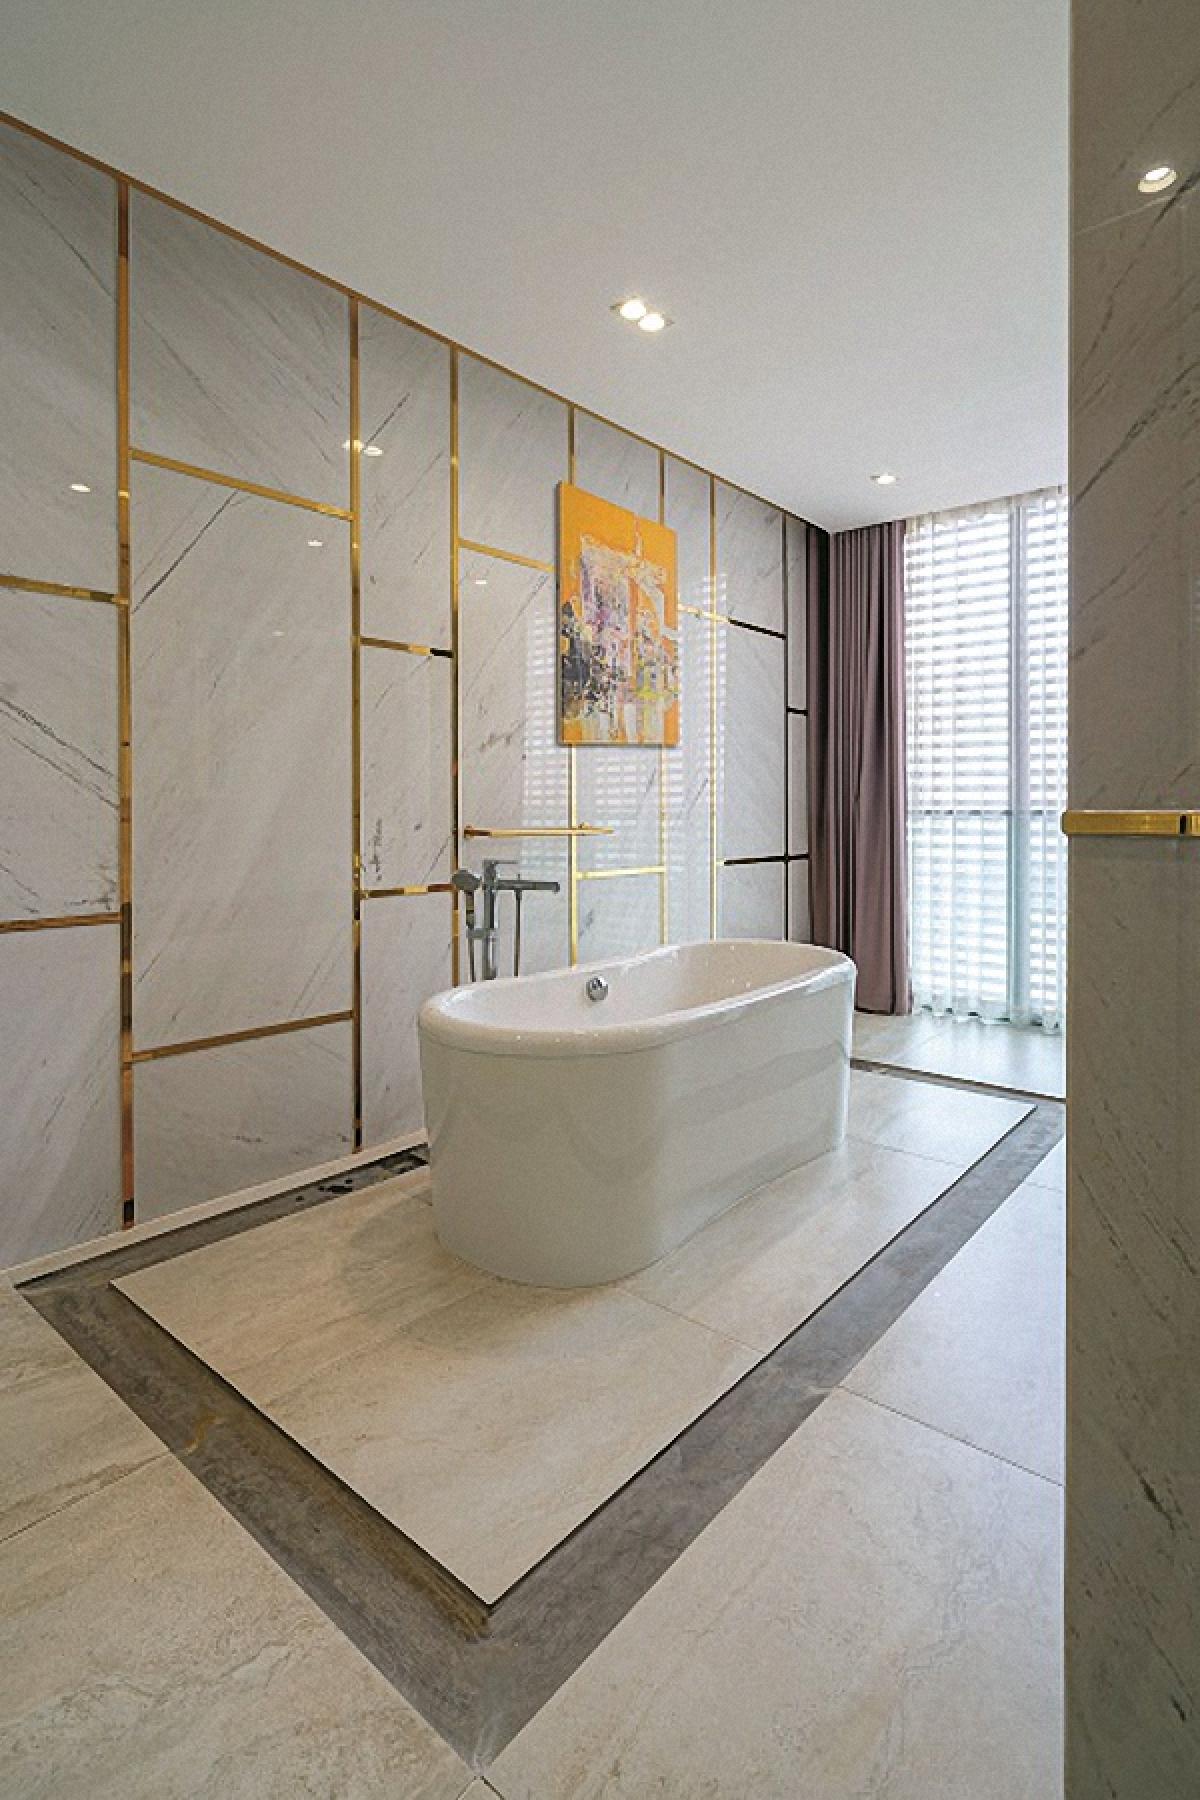 Phòng tắm thoáng sáng và tiện nghi. Đây thực sự là không gian thư giãn của chủ nhân.